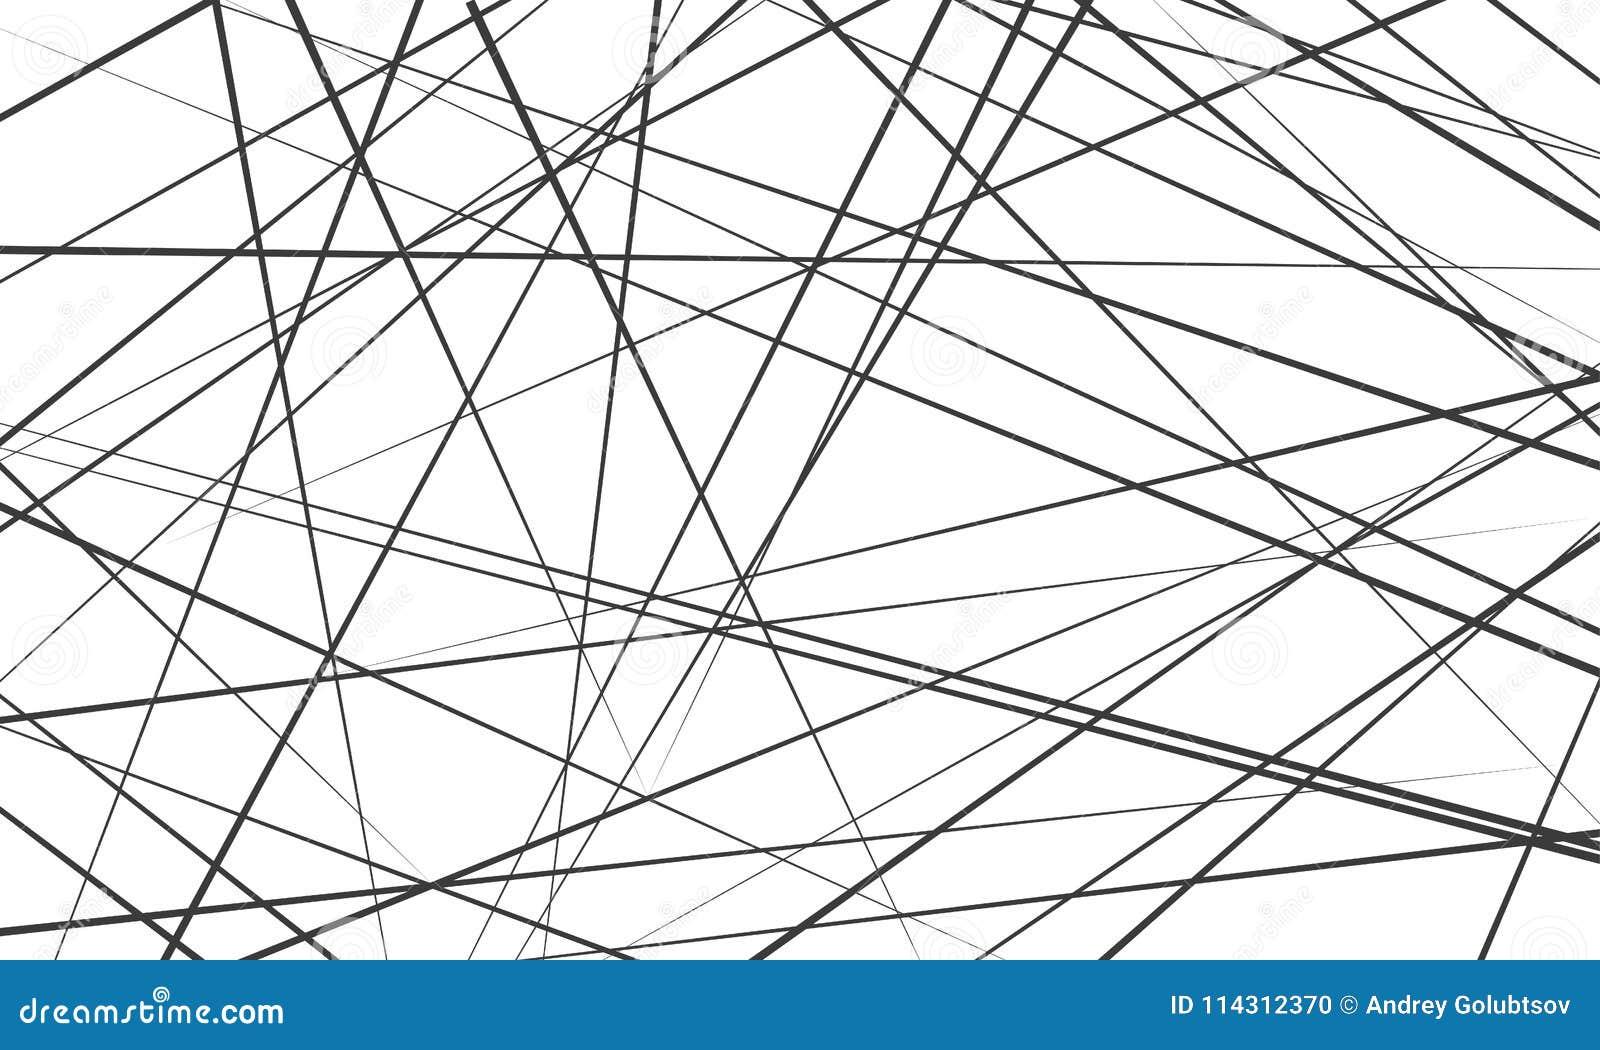 Lignes abstraites chaotiques fond de modèle de vecteur